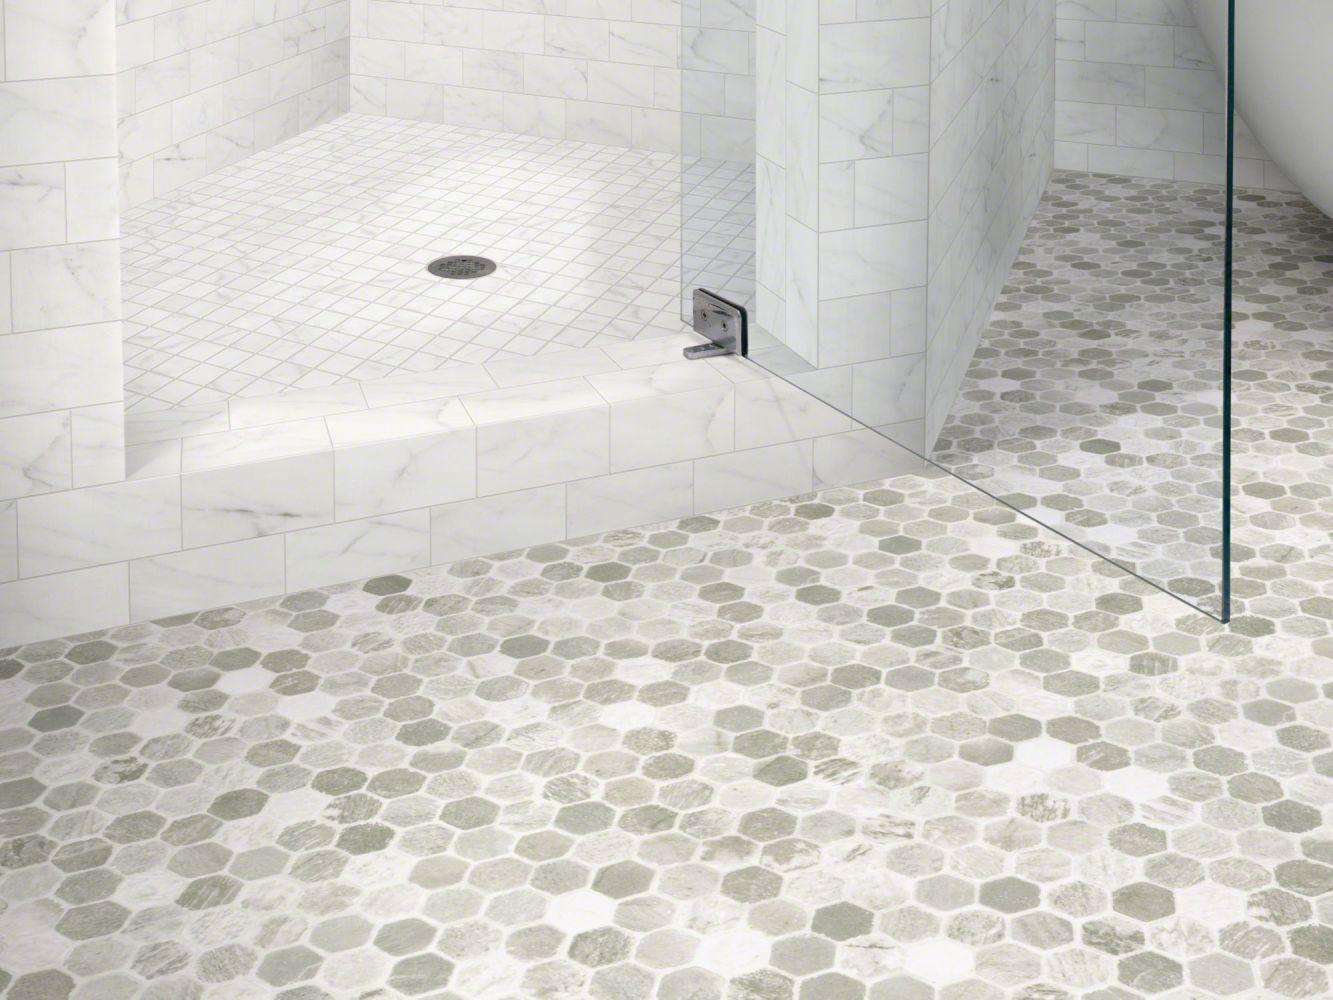 Shaw Floors Resilient Residential Prometheus Samos 00545_0612V